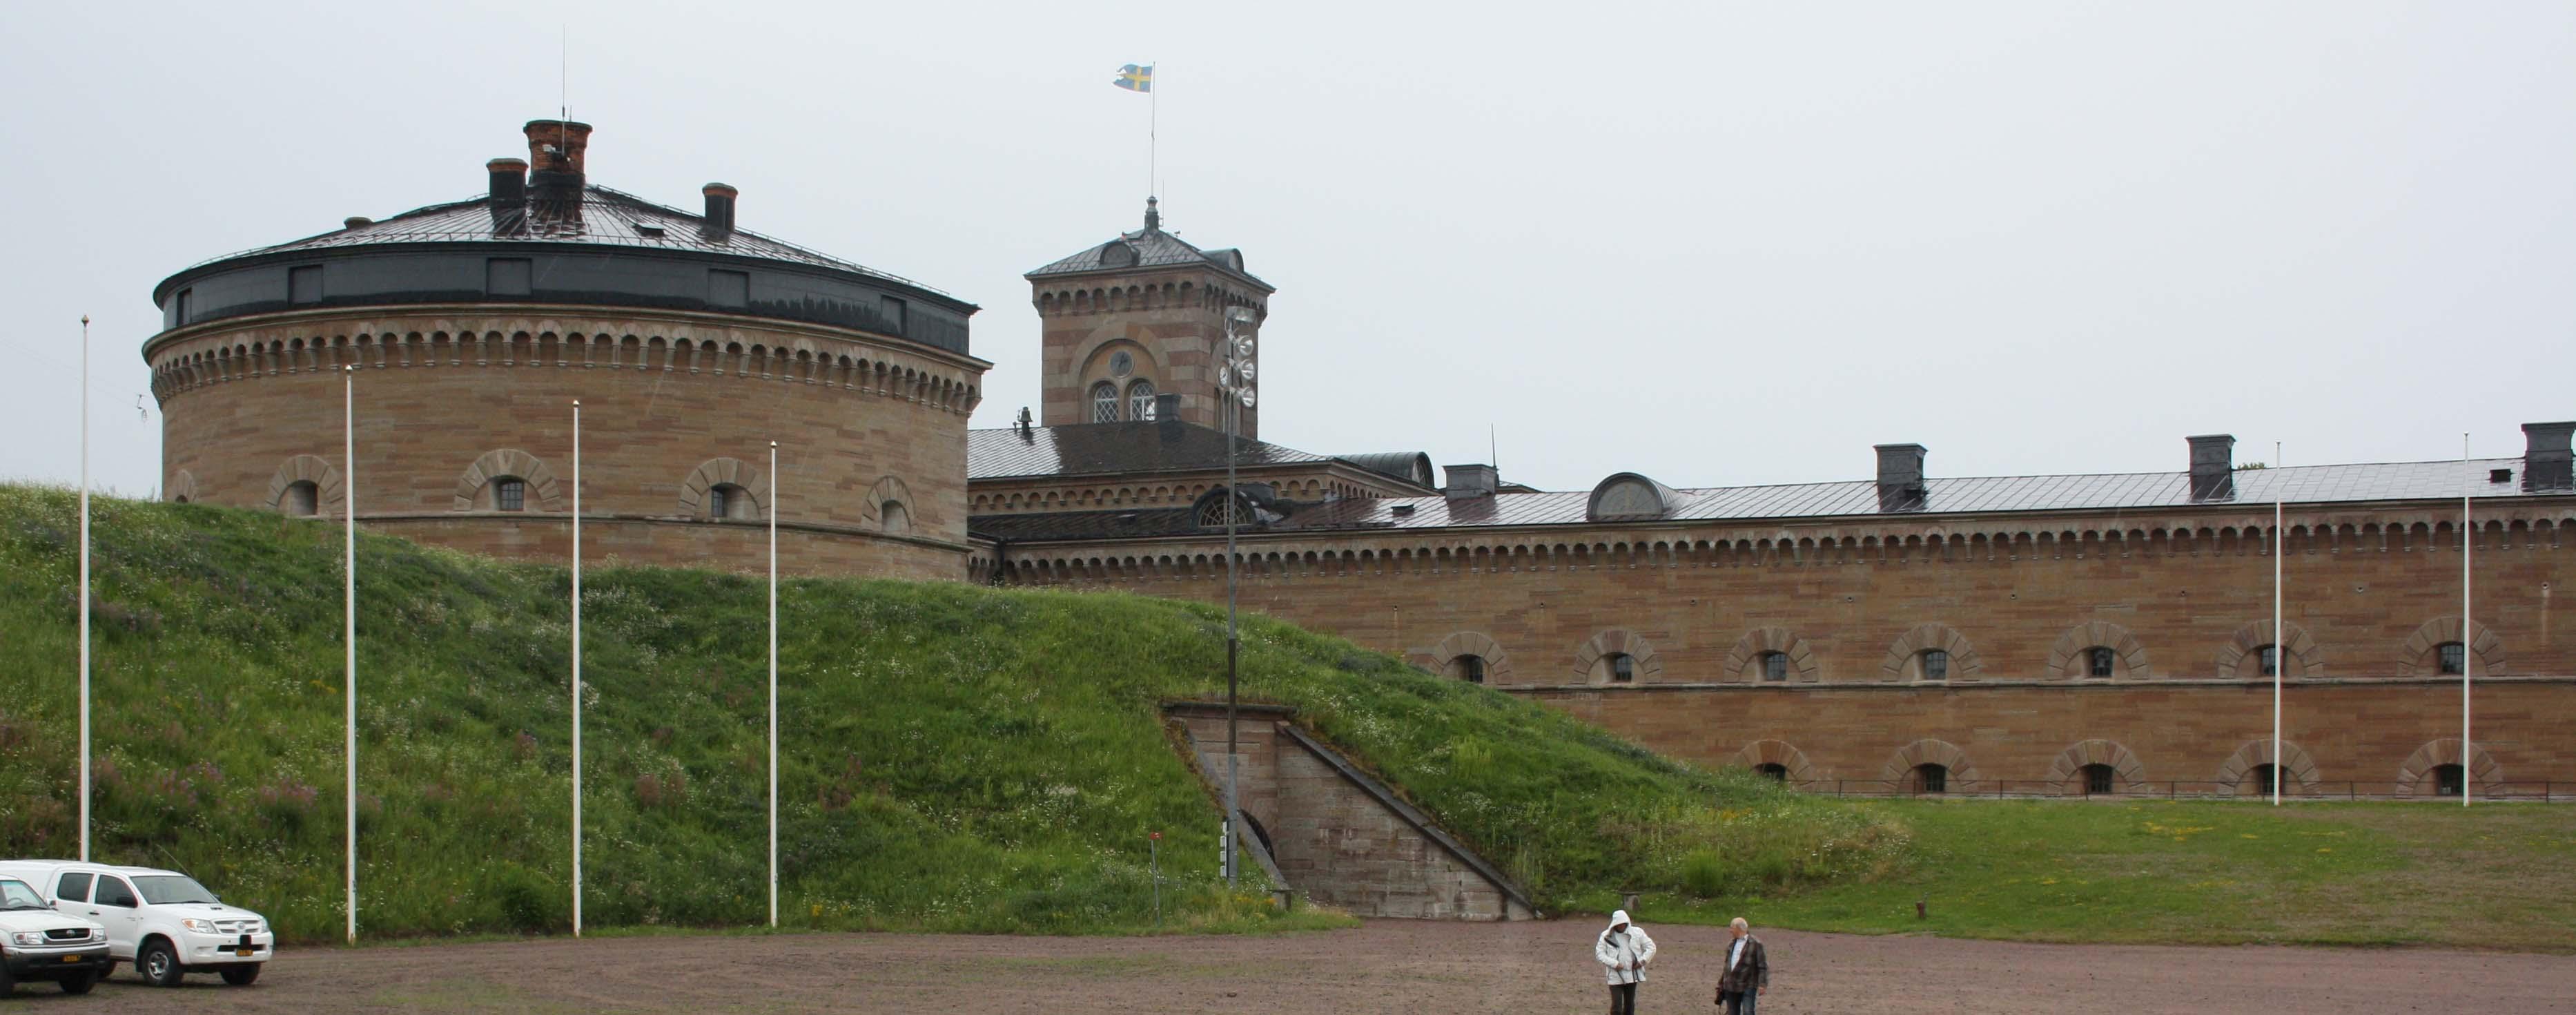 karlsborg men År 1870 var karlsborgs fästning i fungerande skick men först  då vaberget cirka fem kilometer från karlsborg skulle vara ett hot om det utnyttjades av.